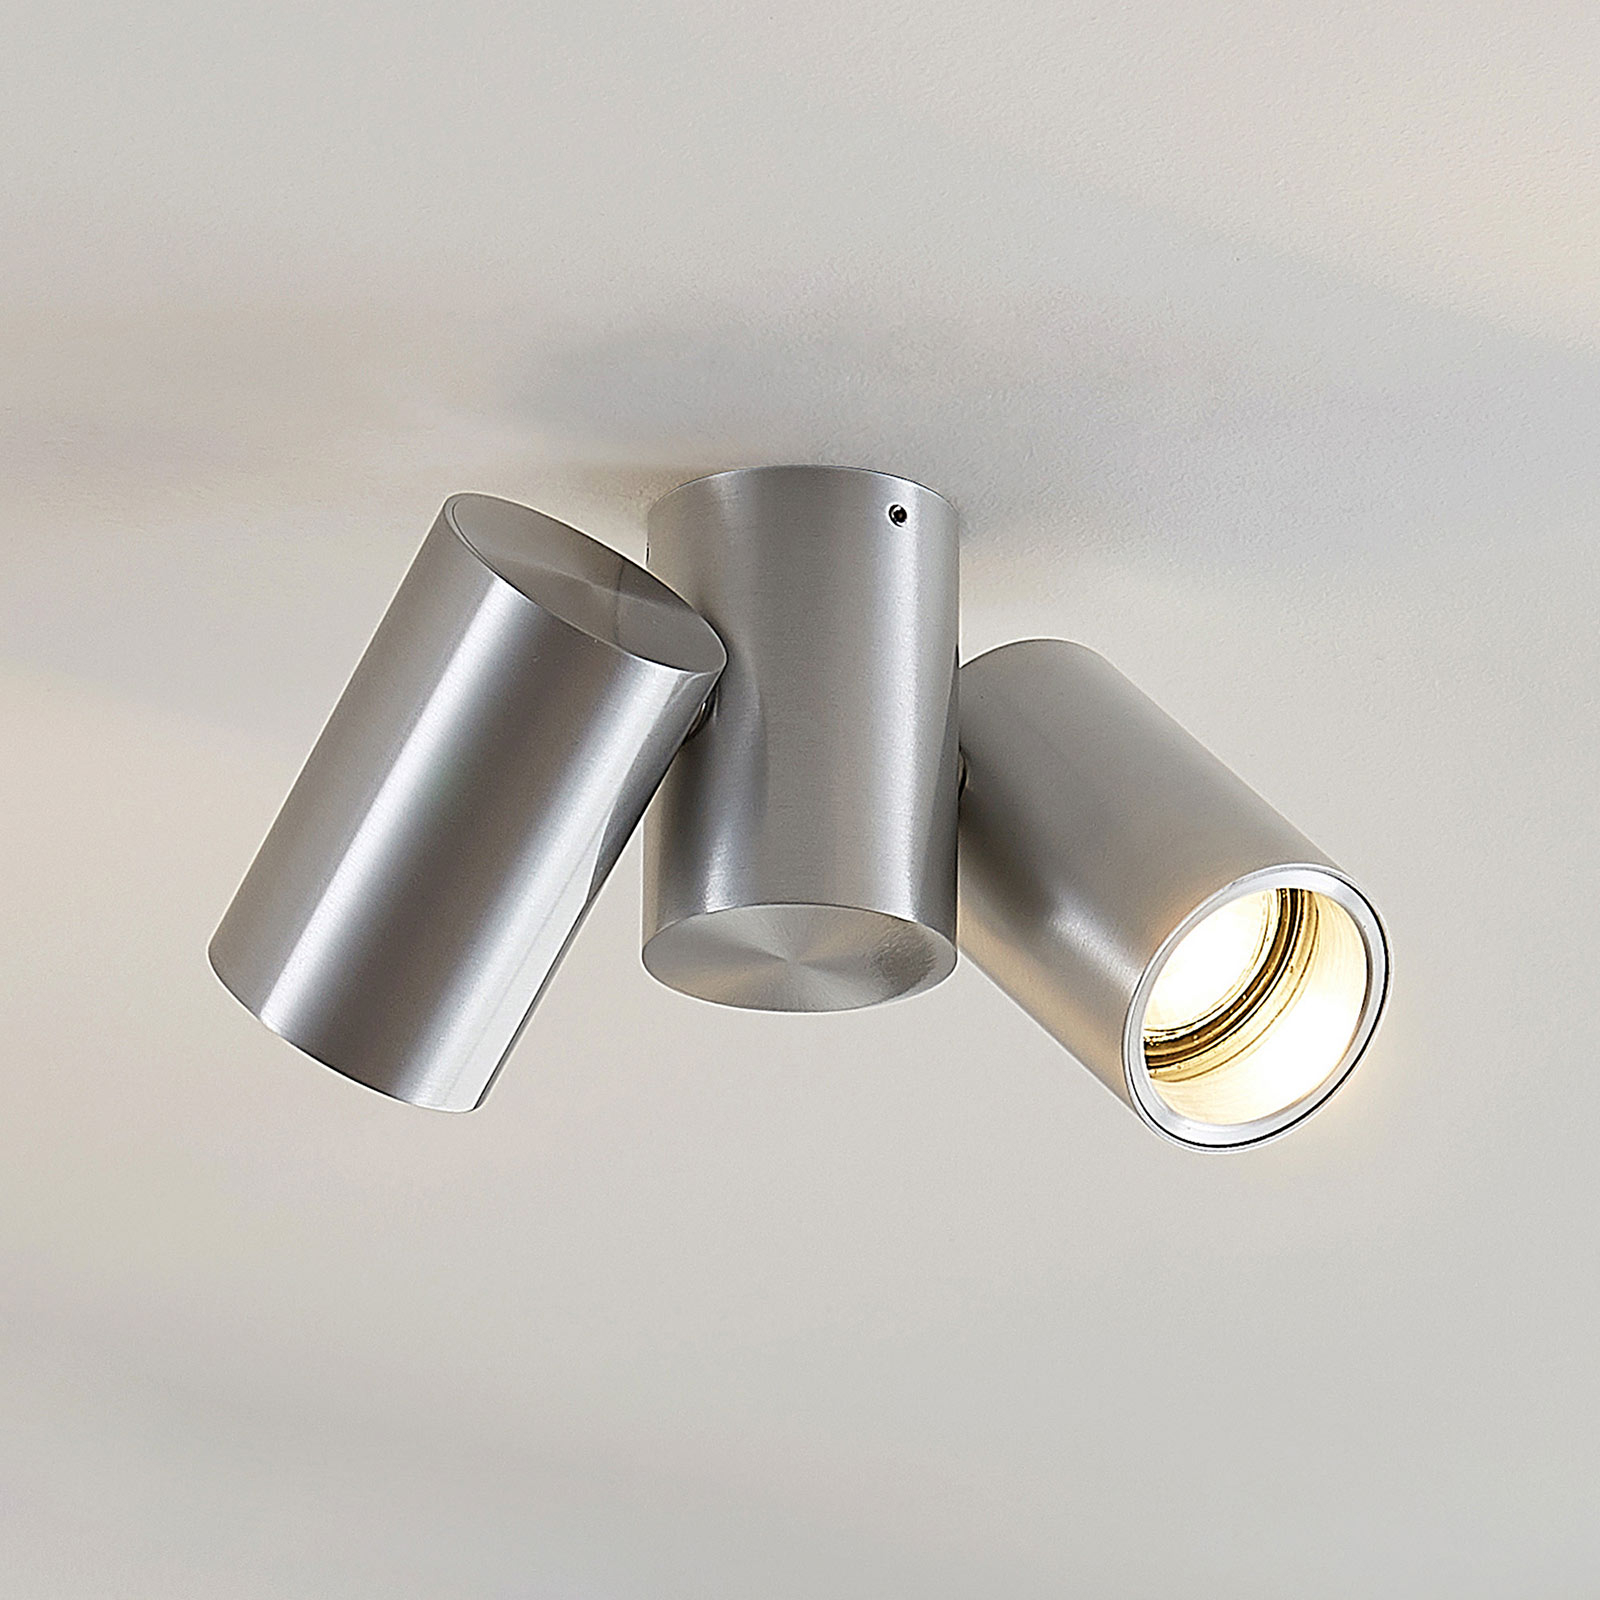 Lampa sufitowa Gesina, 2-punktowa, aluminium